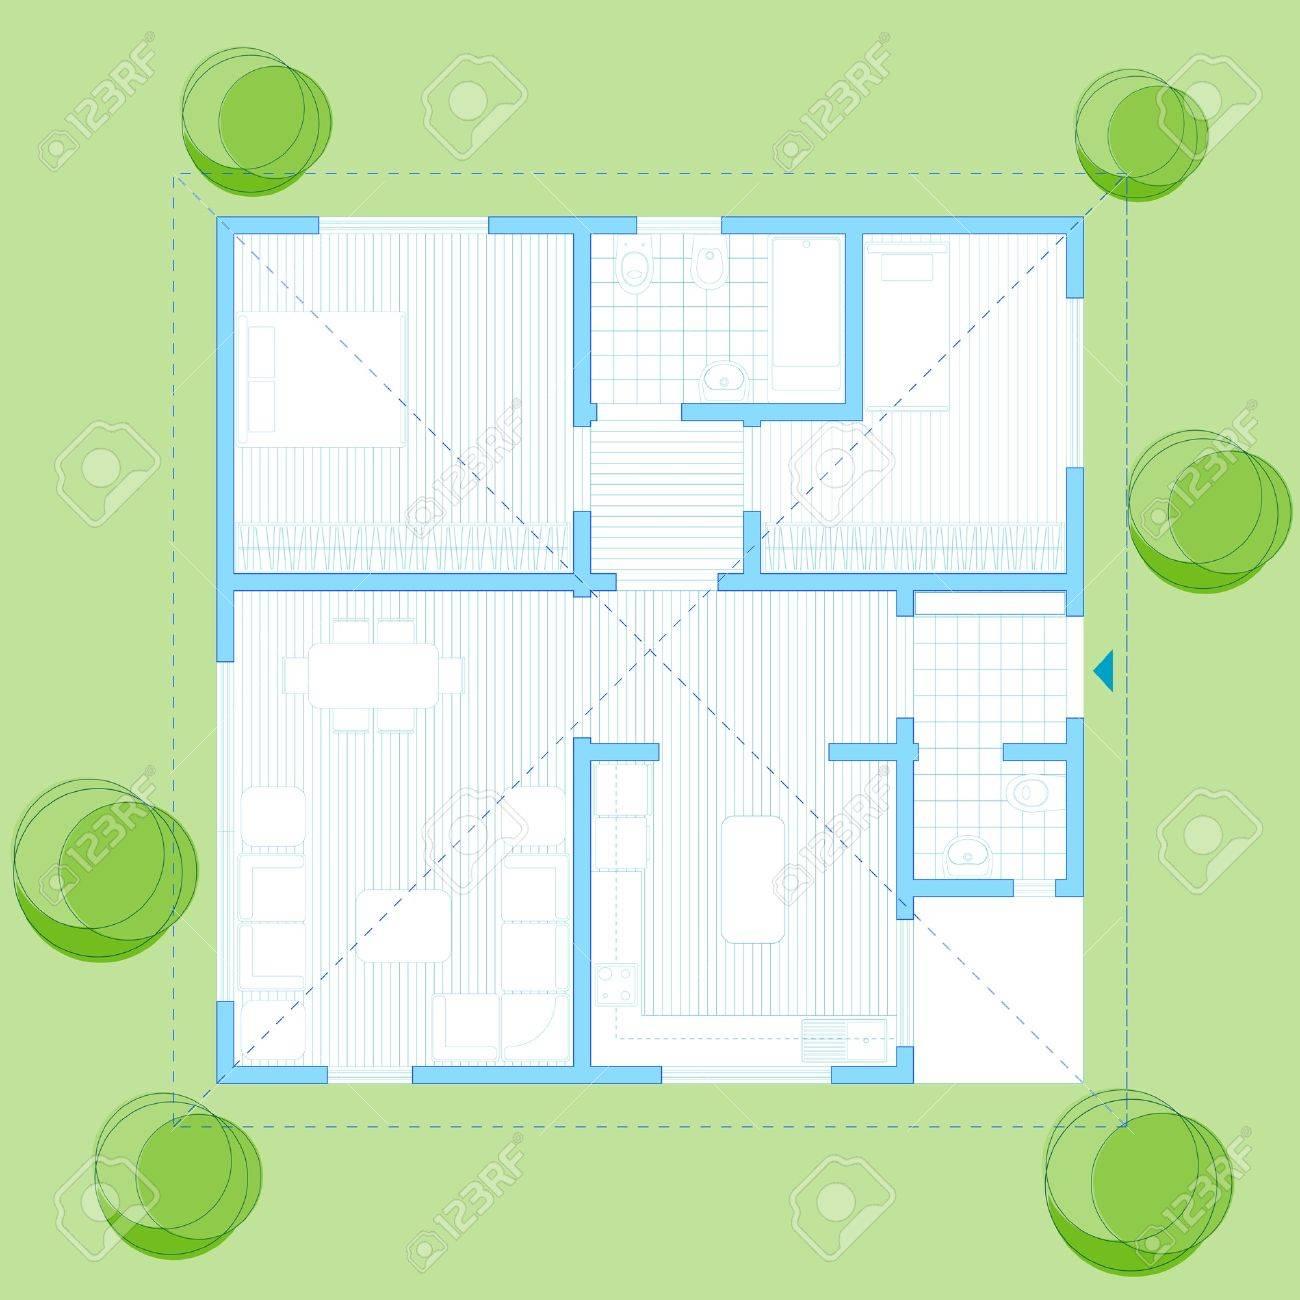 100 M2 infamilienhaus Haus Plan Lizenzfrei Nutzbare ... size: 1300 x 1300 post ID: 9 File size: 0 B